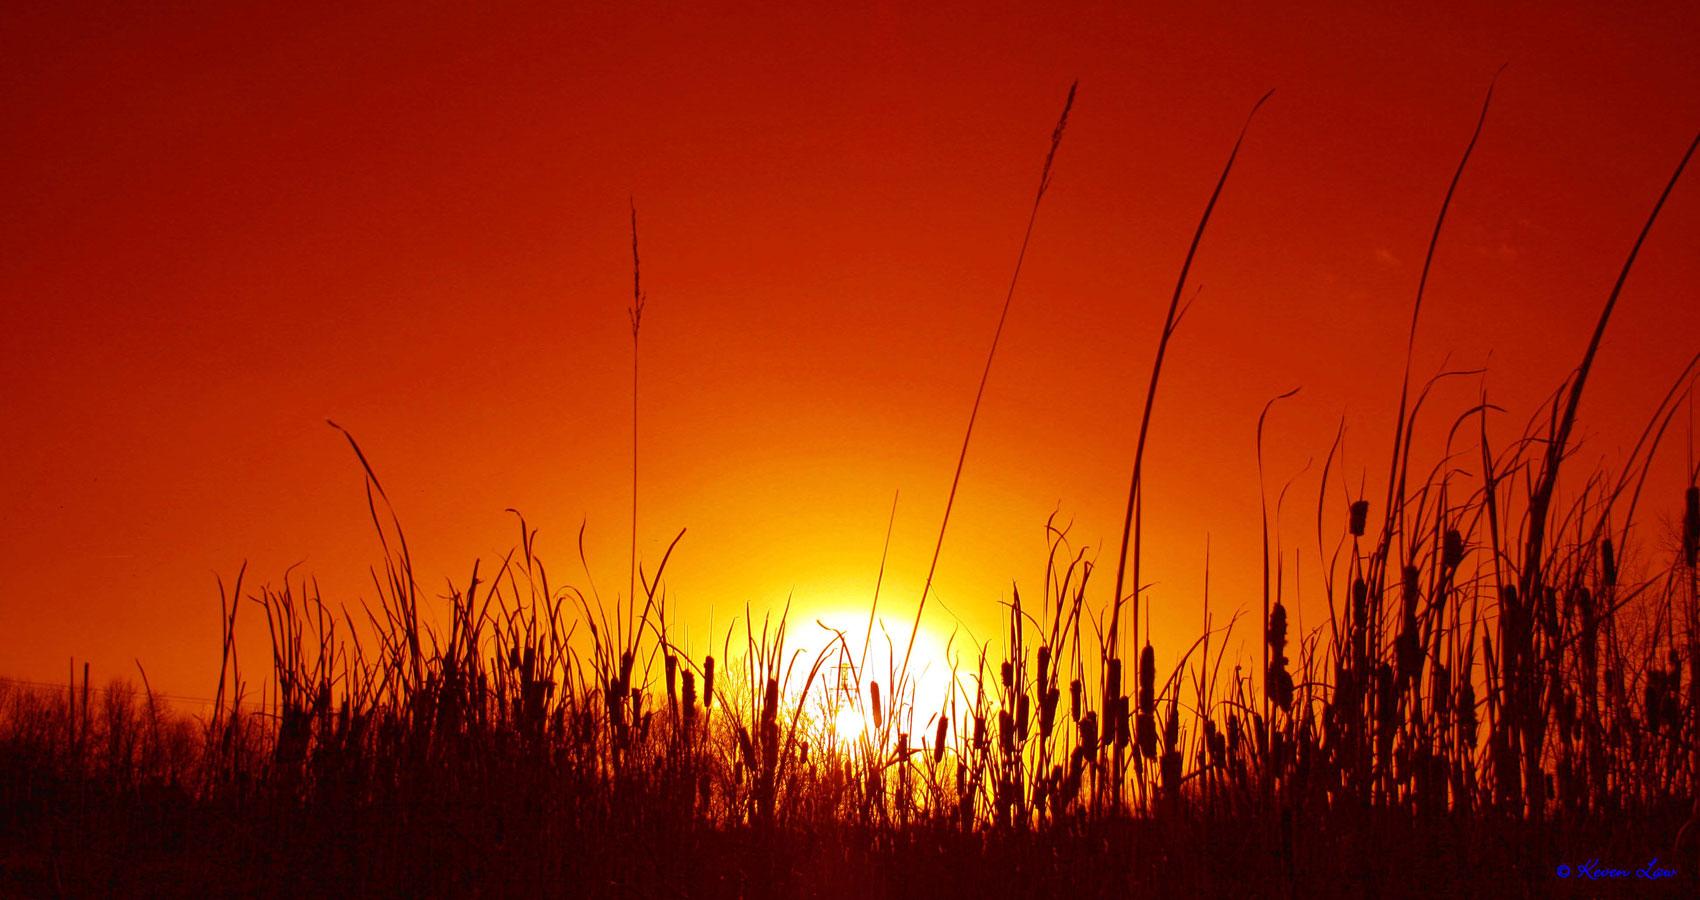 Climbing Heat of Cruellest Summer, written by Stanley Wilkin at Spillwords.com